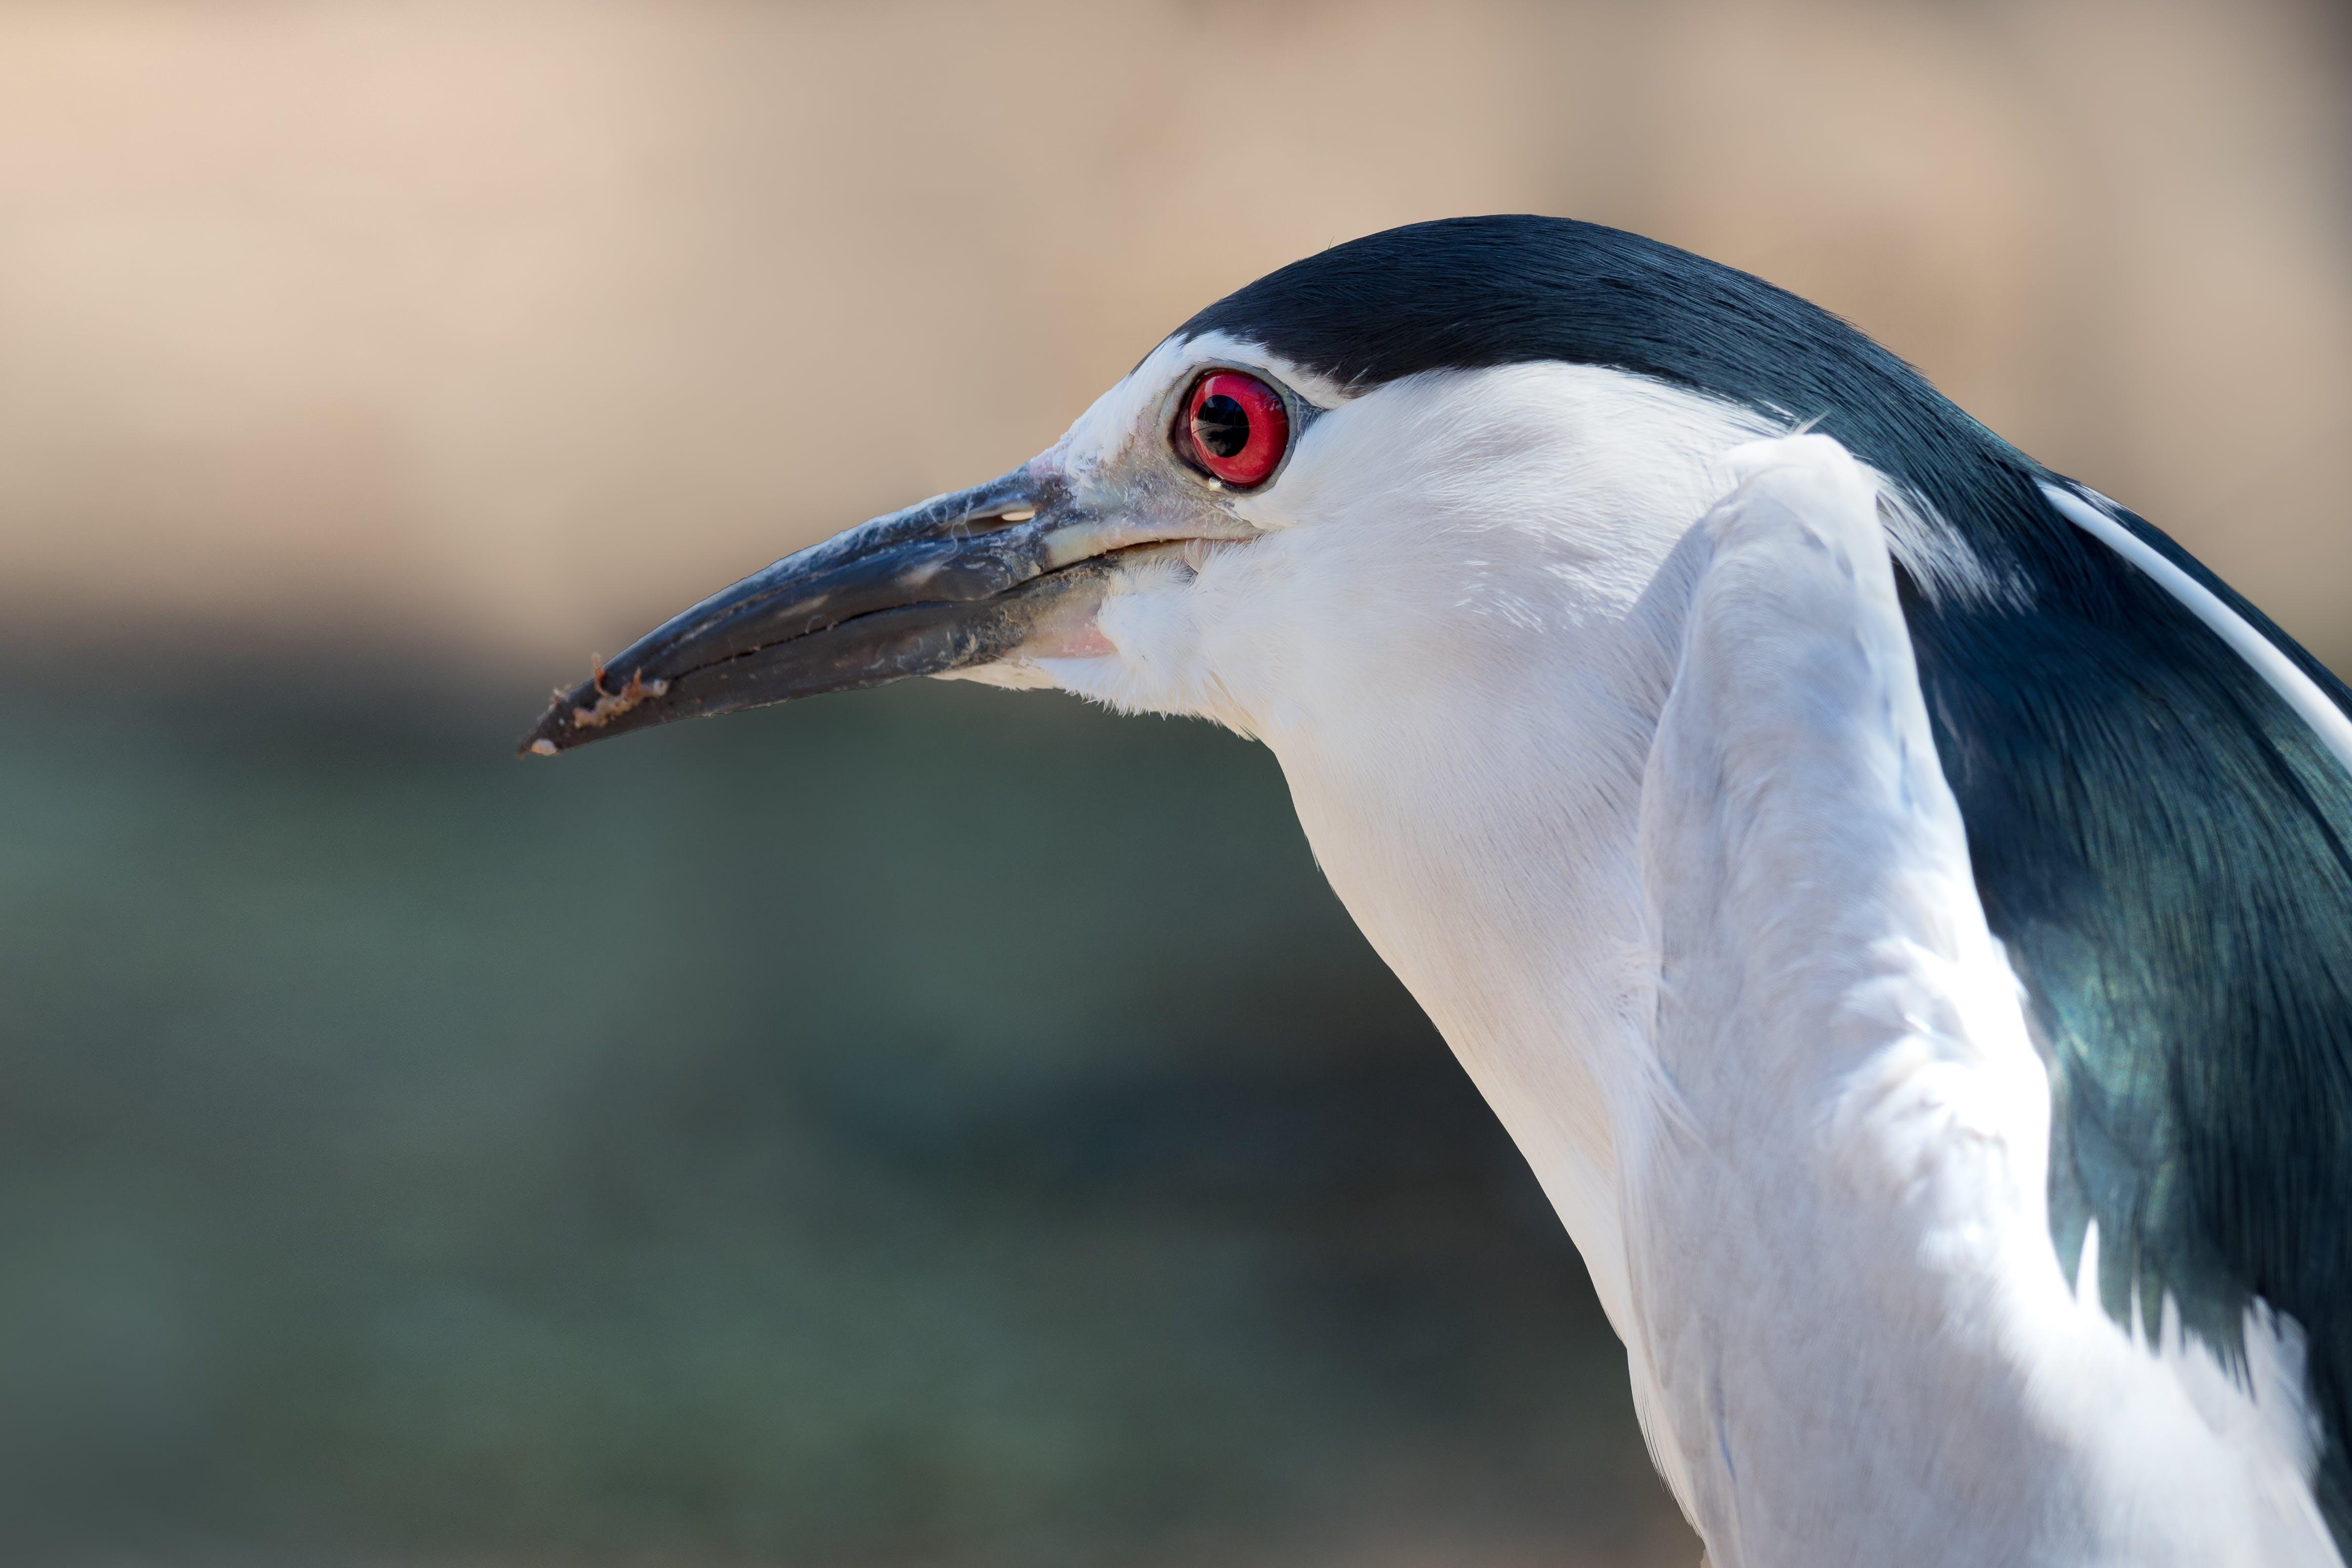 Δωρεάν στοκ φωτογραφιών με άγρια φύση, άγριος, γκρο πλαν, ζώο